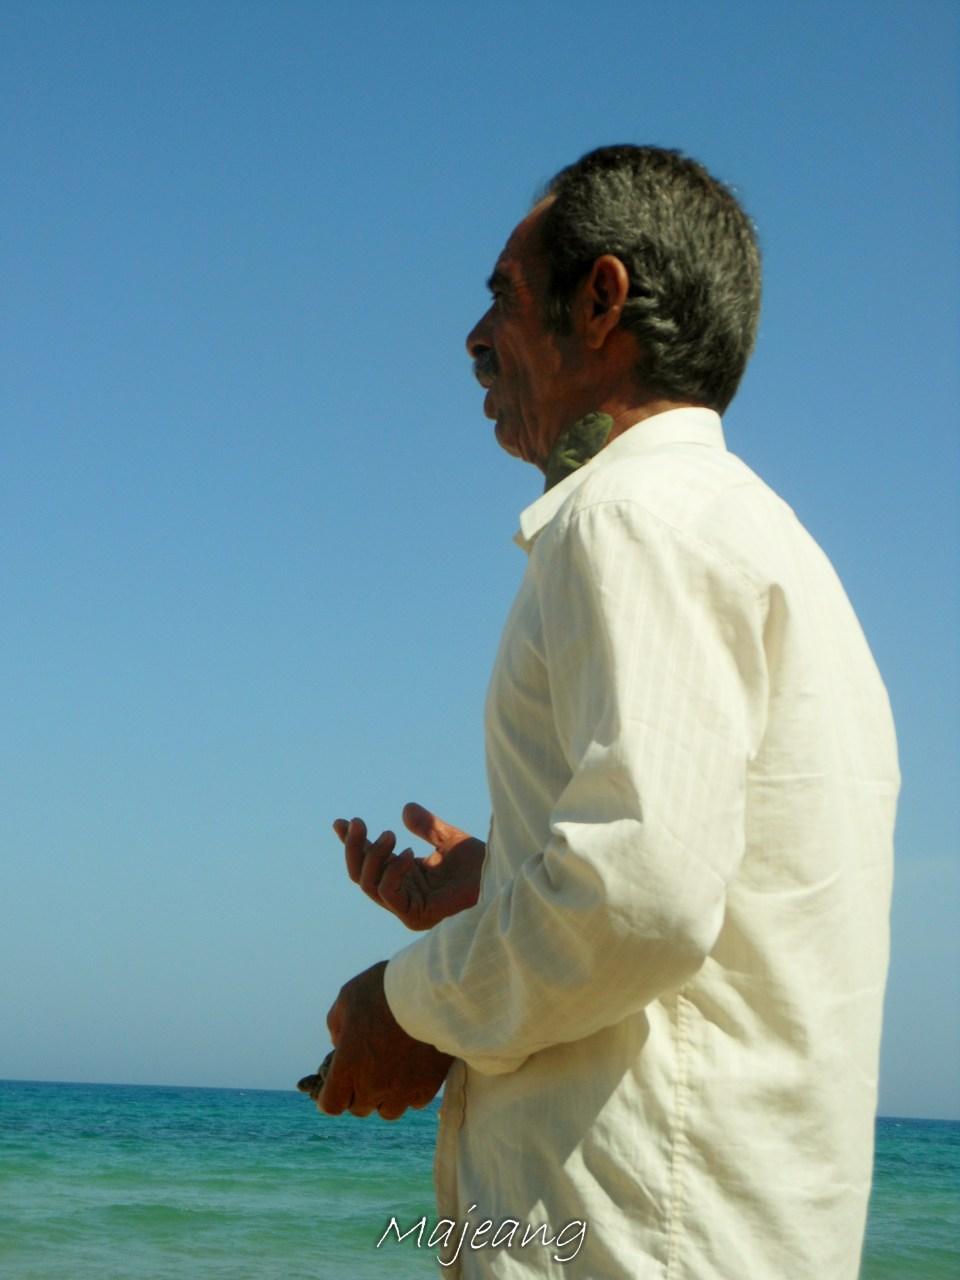 Beach vendor, Visiting Tunisia on www.majeang.com